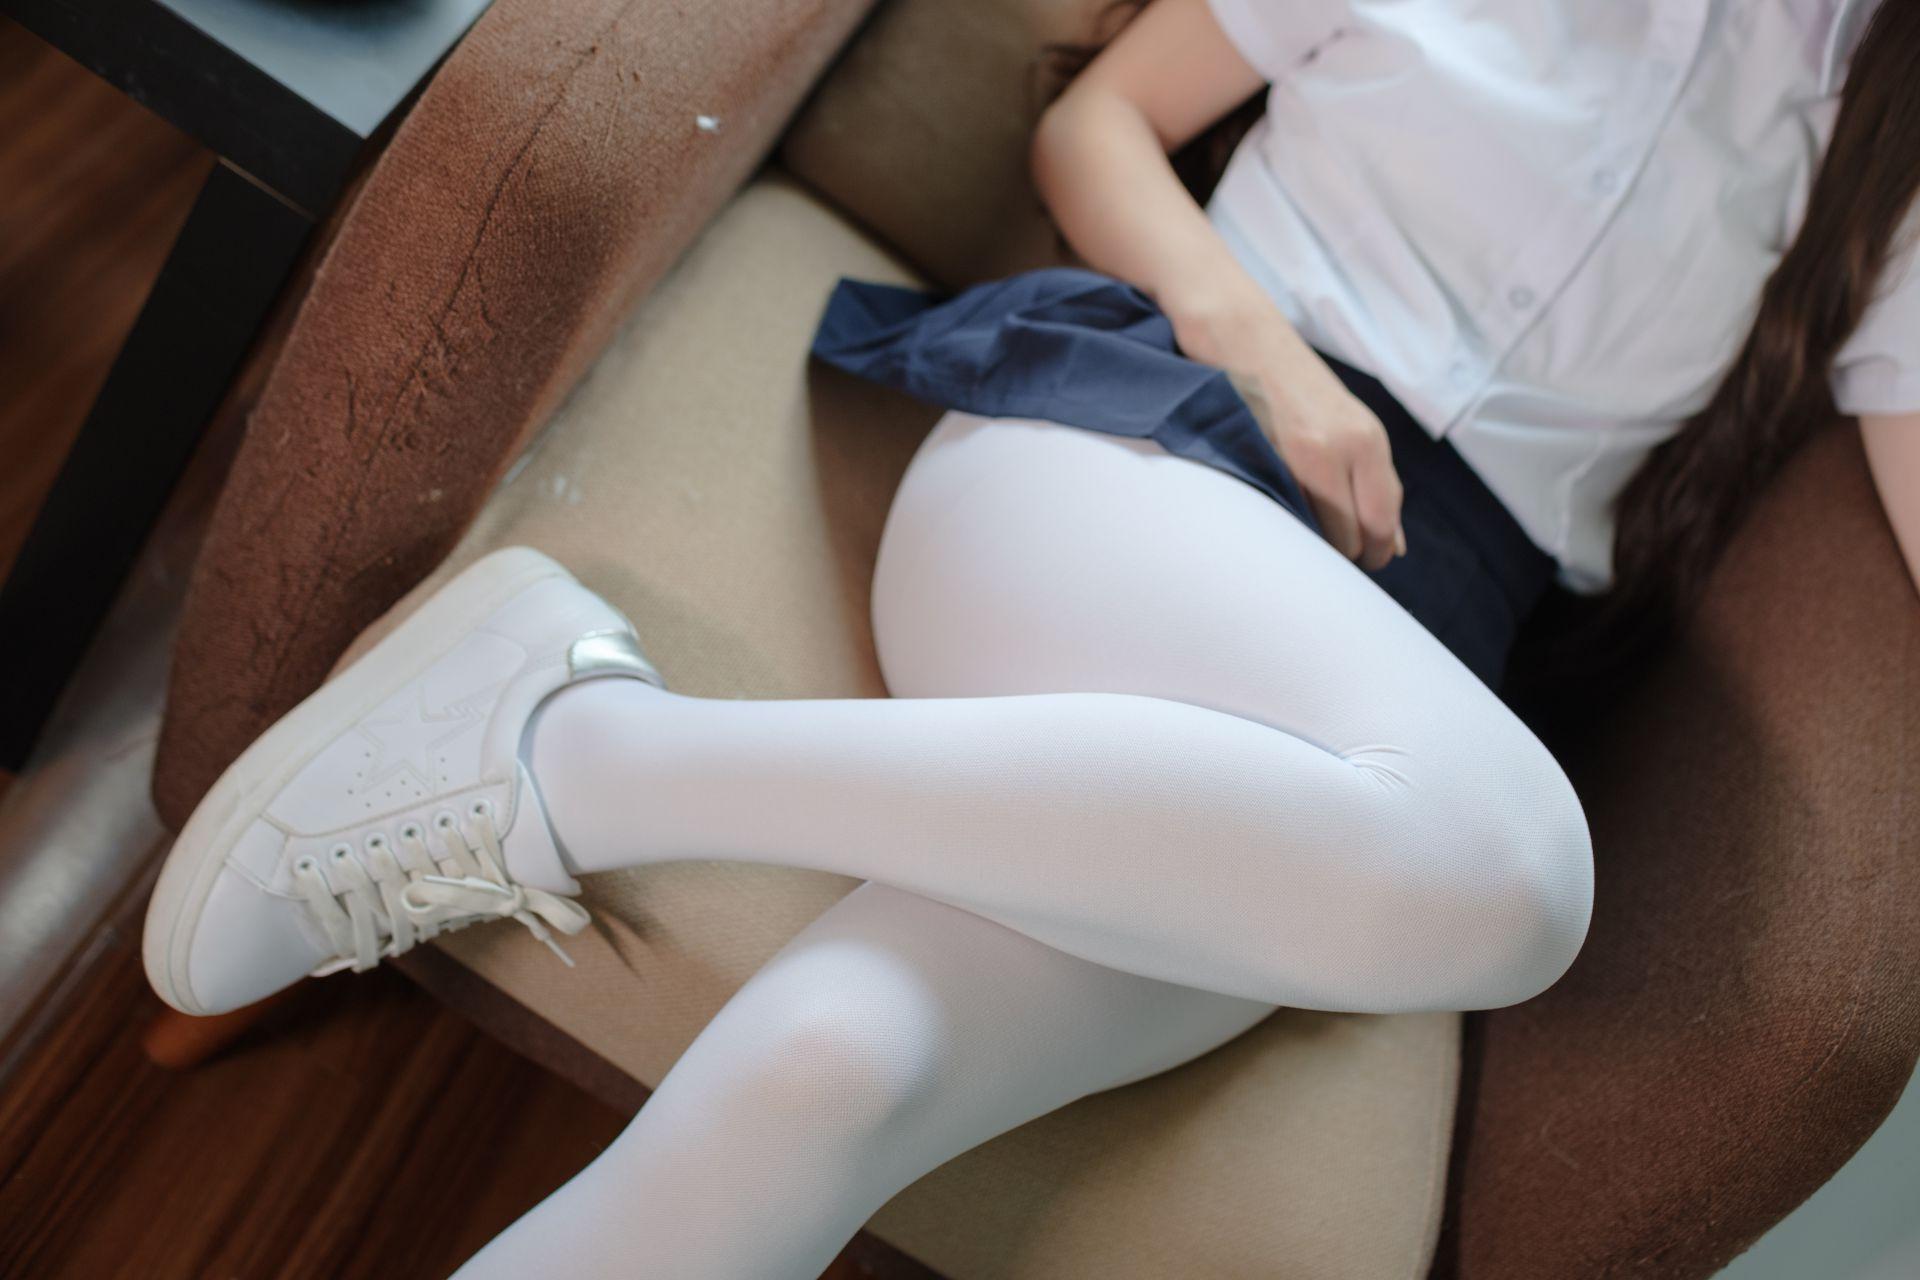 【森萝财团】森萝财团写真 – X-034 白丝小白鞋 [83P-1V-1.92GB] X系列 第3张